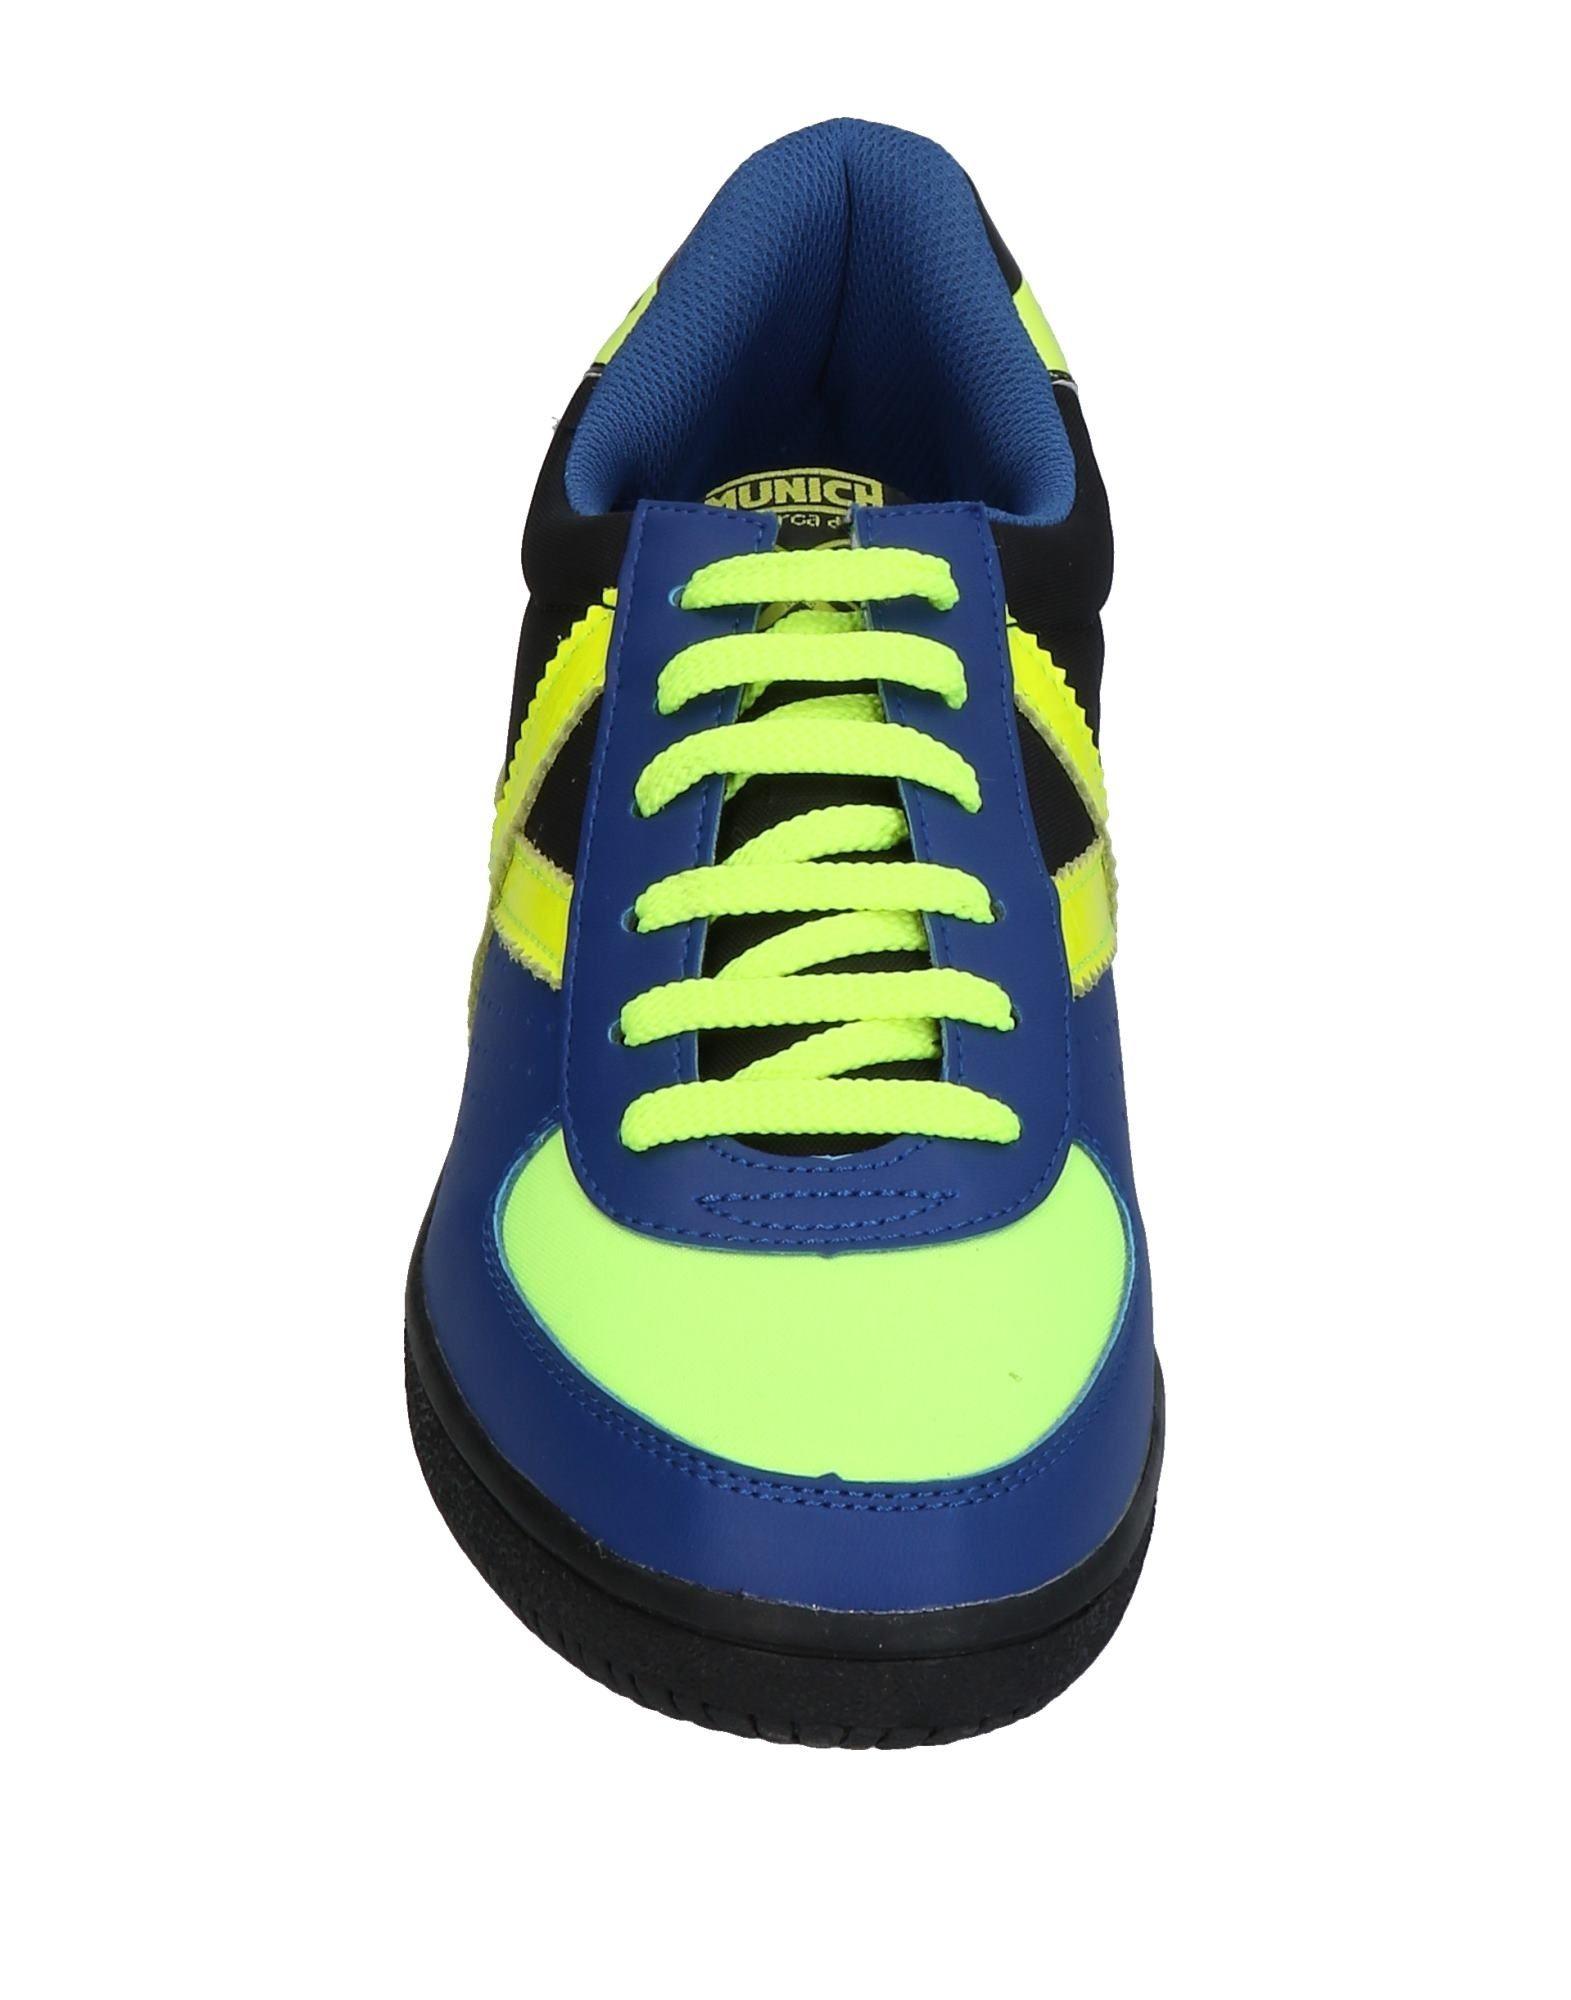 Rabatt echte  Schuhe Munich Sneakers Herren  echte 11453558UD 80592f